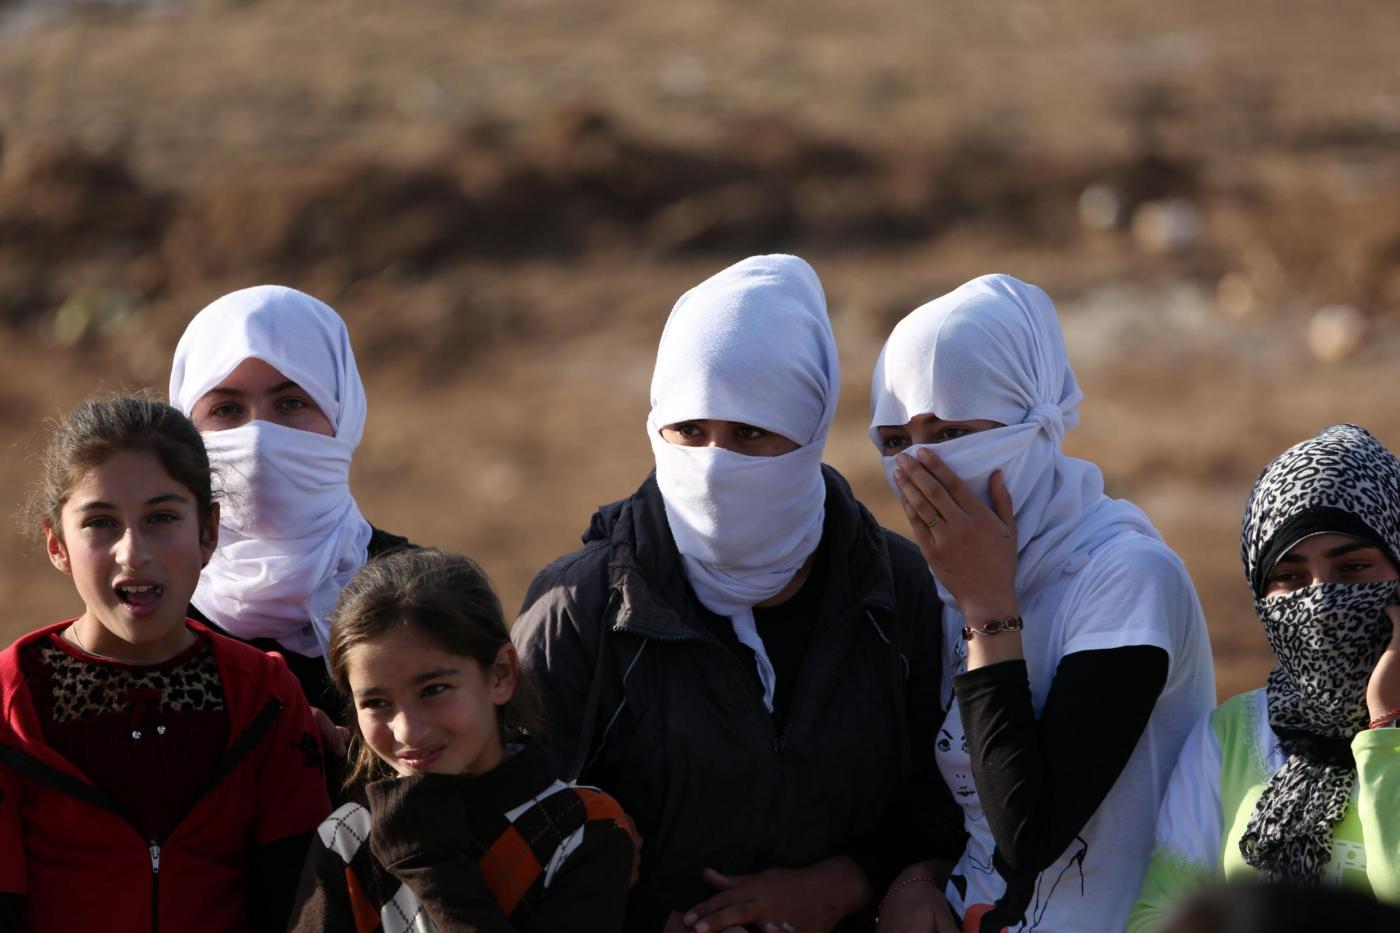 Isis: donne rapite, uccise e stuprate. E alcune scelgono il suicidio